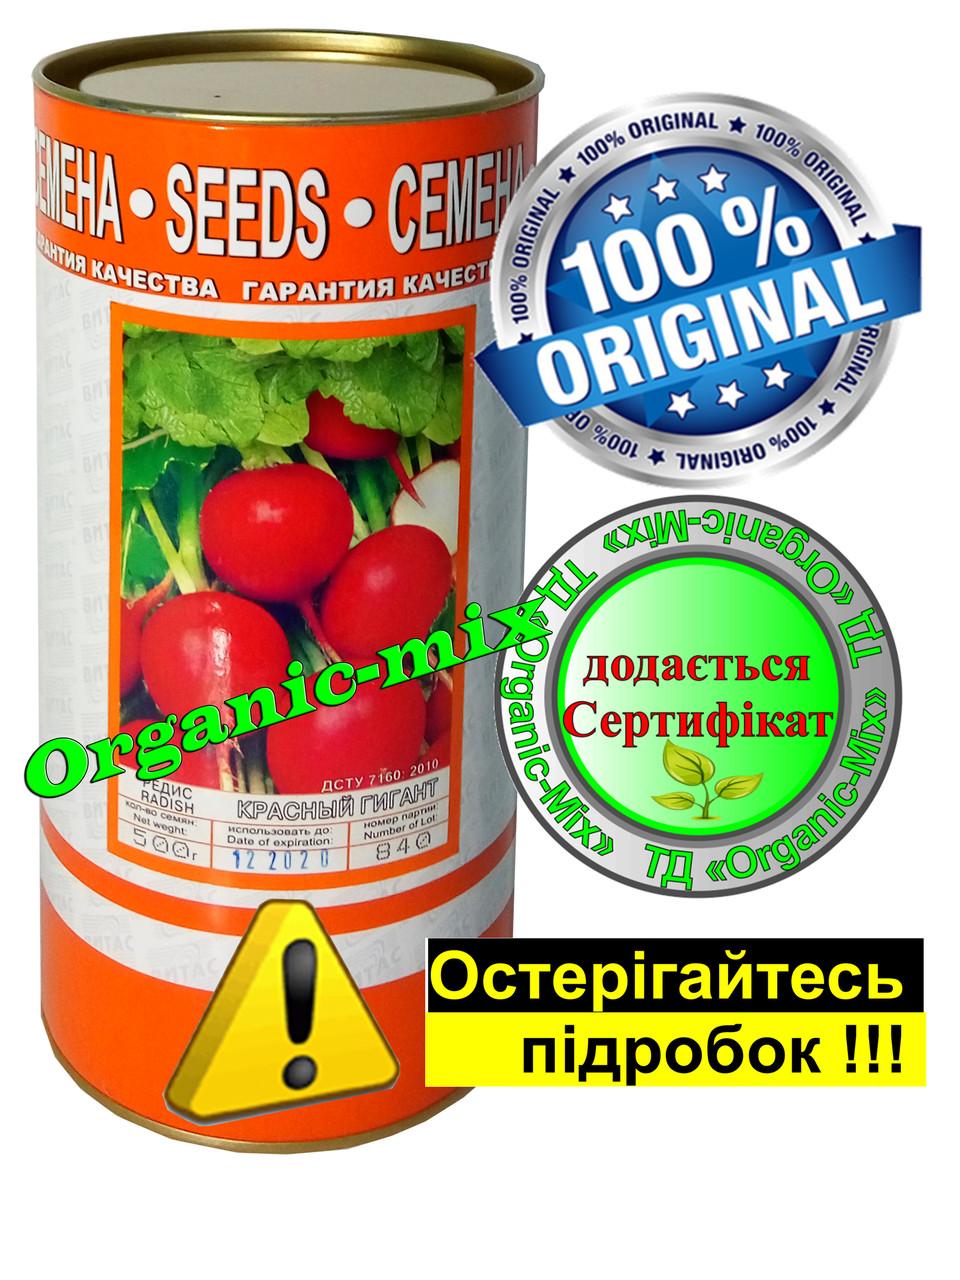 Семена редиса осеннего Красный Гигант, инкрустированные, 500 г фермерская банка